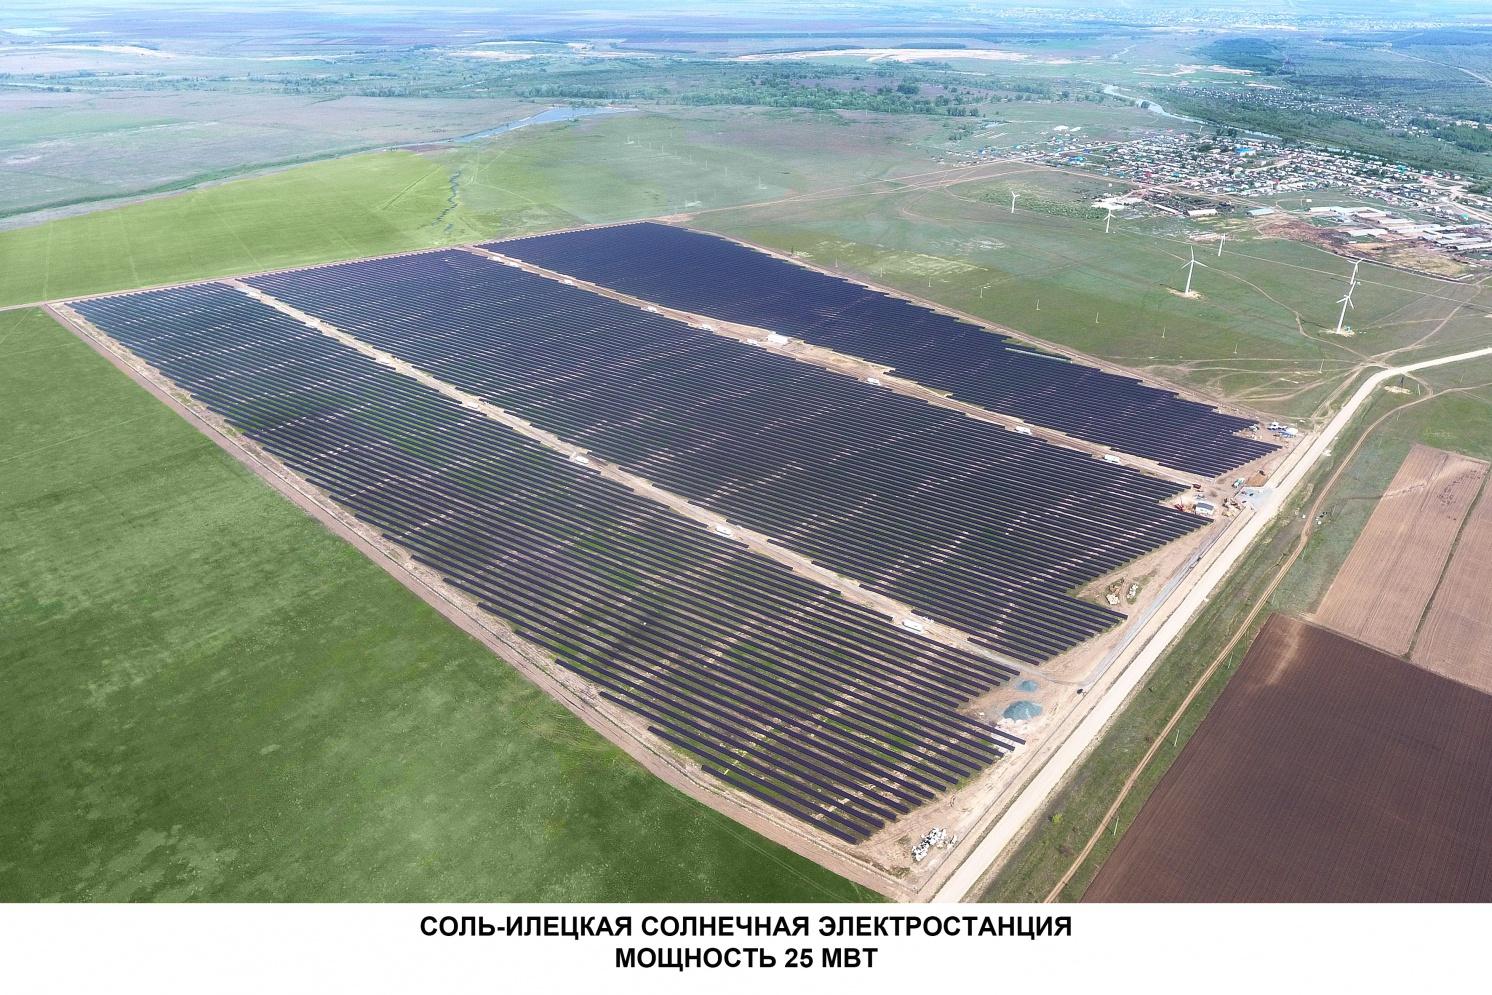 Испытания на Соль-Илецкой СЭС подтвердили маневренность солнечных электростанций. 7/2017. Фото 1